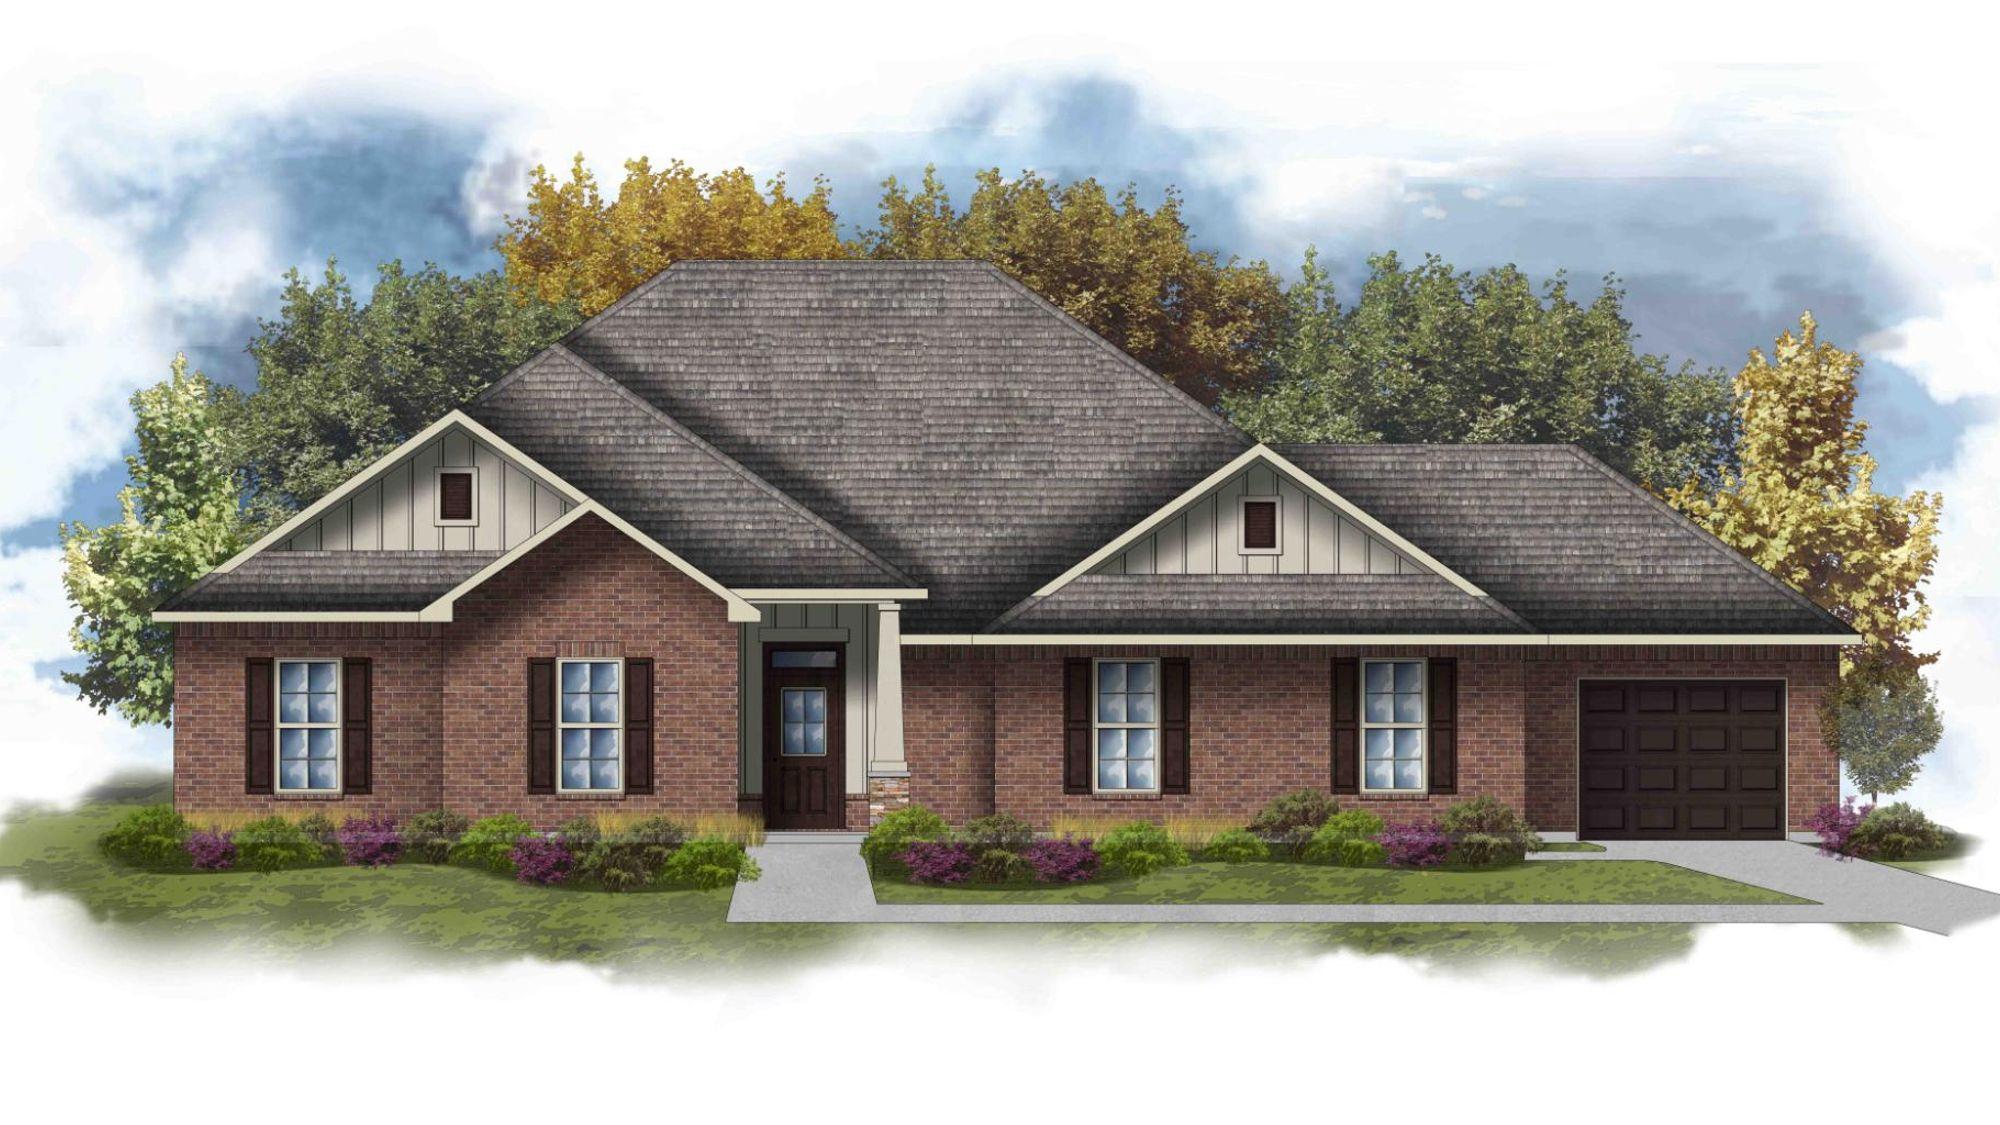 Cleveland III K - Open Floor Plan - DSLD Homes